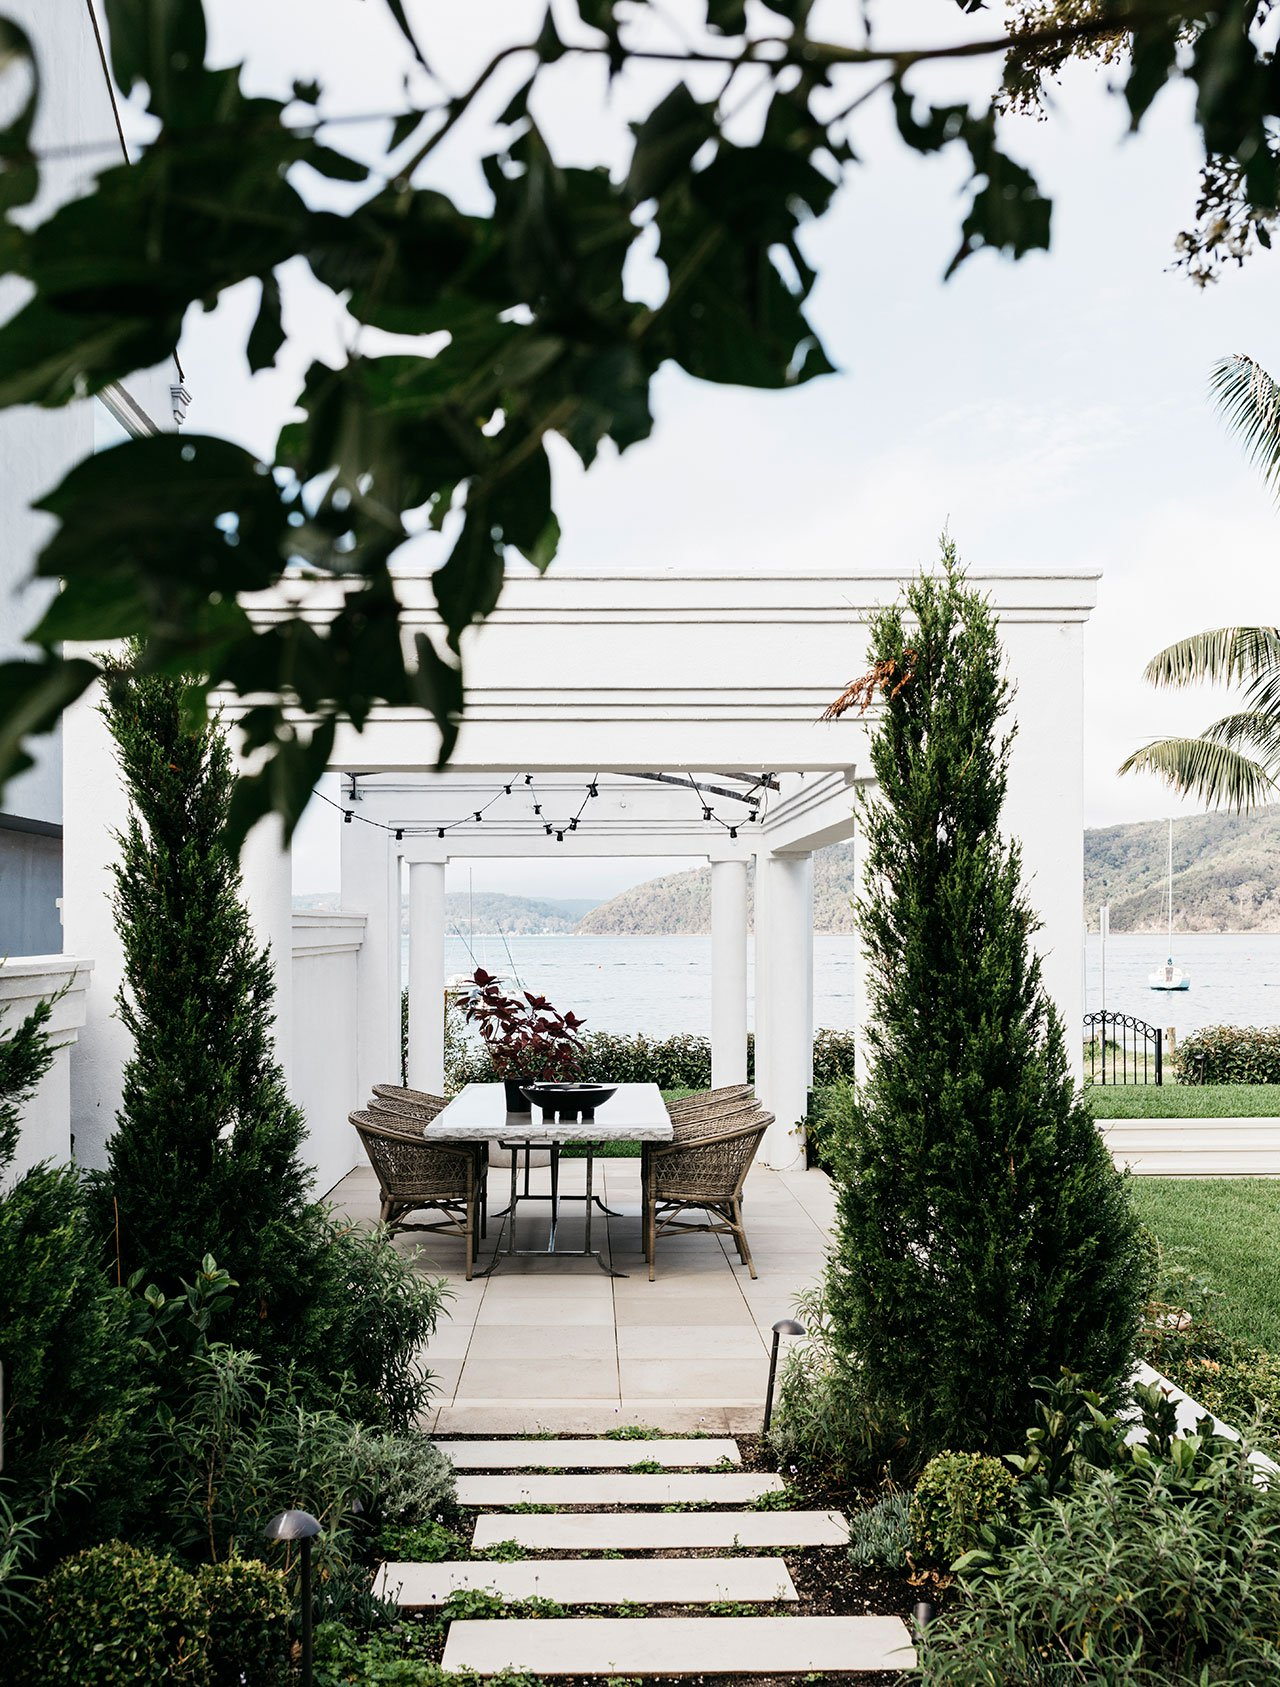 alexander-and-co-palm-beach-house-sydney-australia-10.jpg